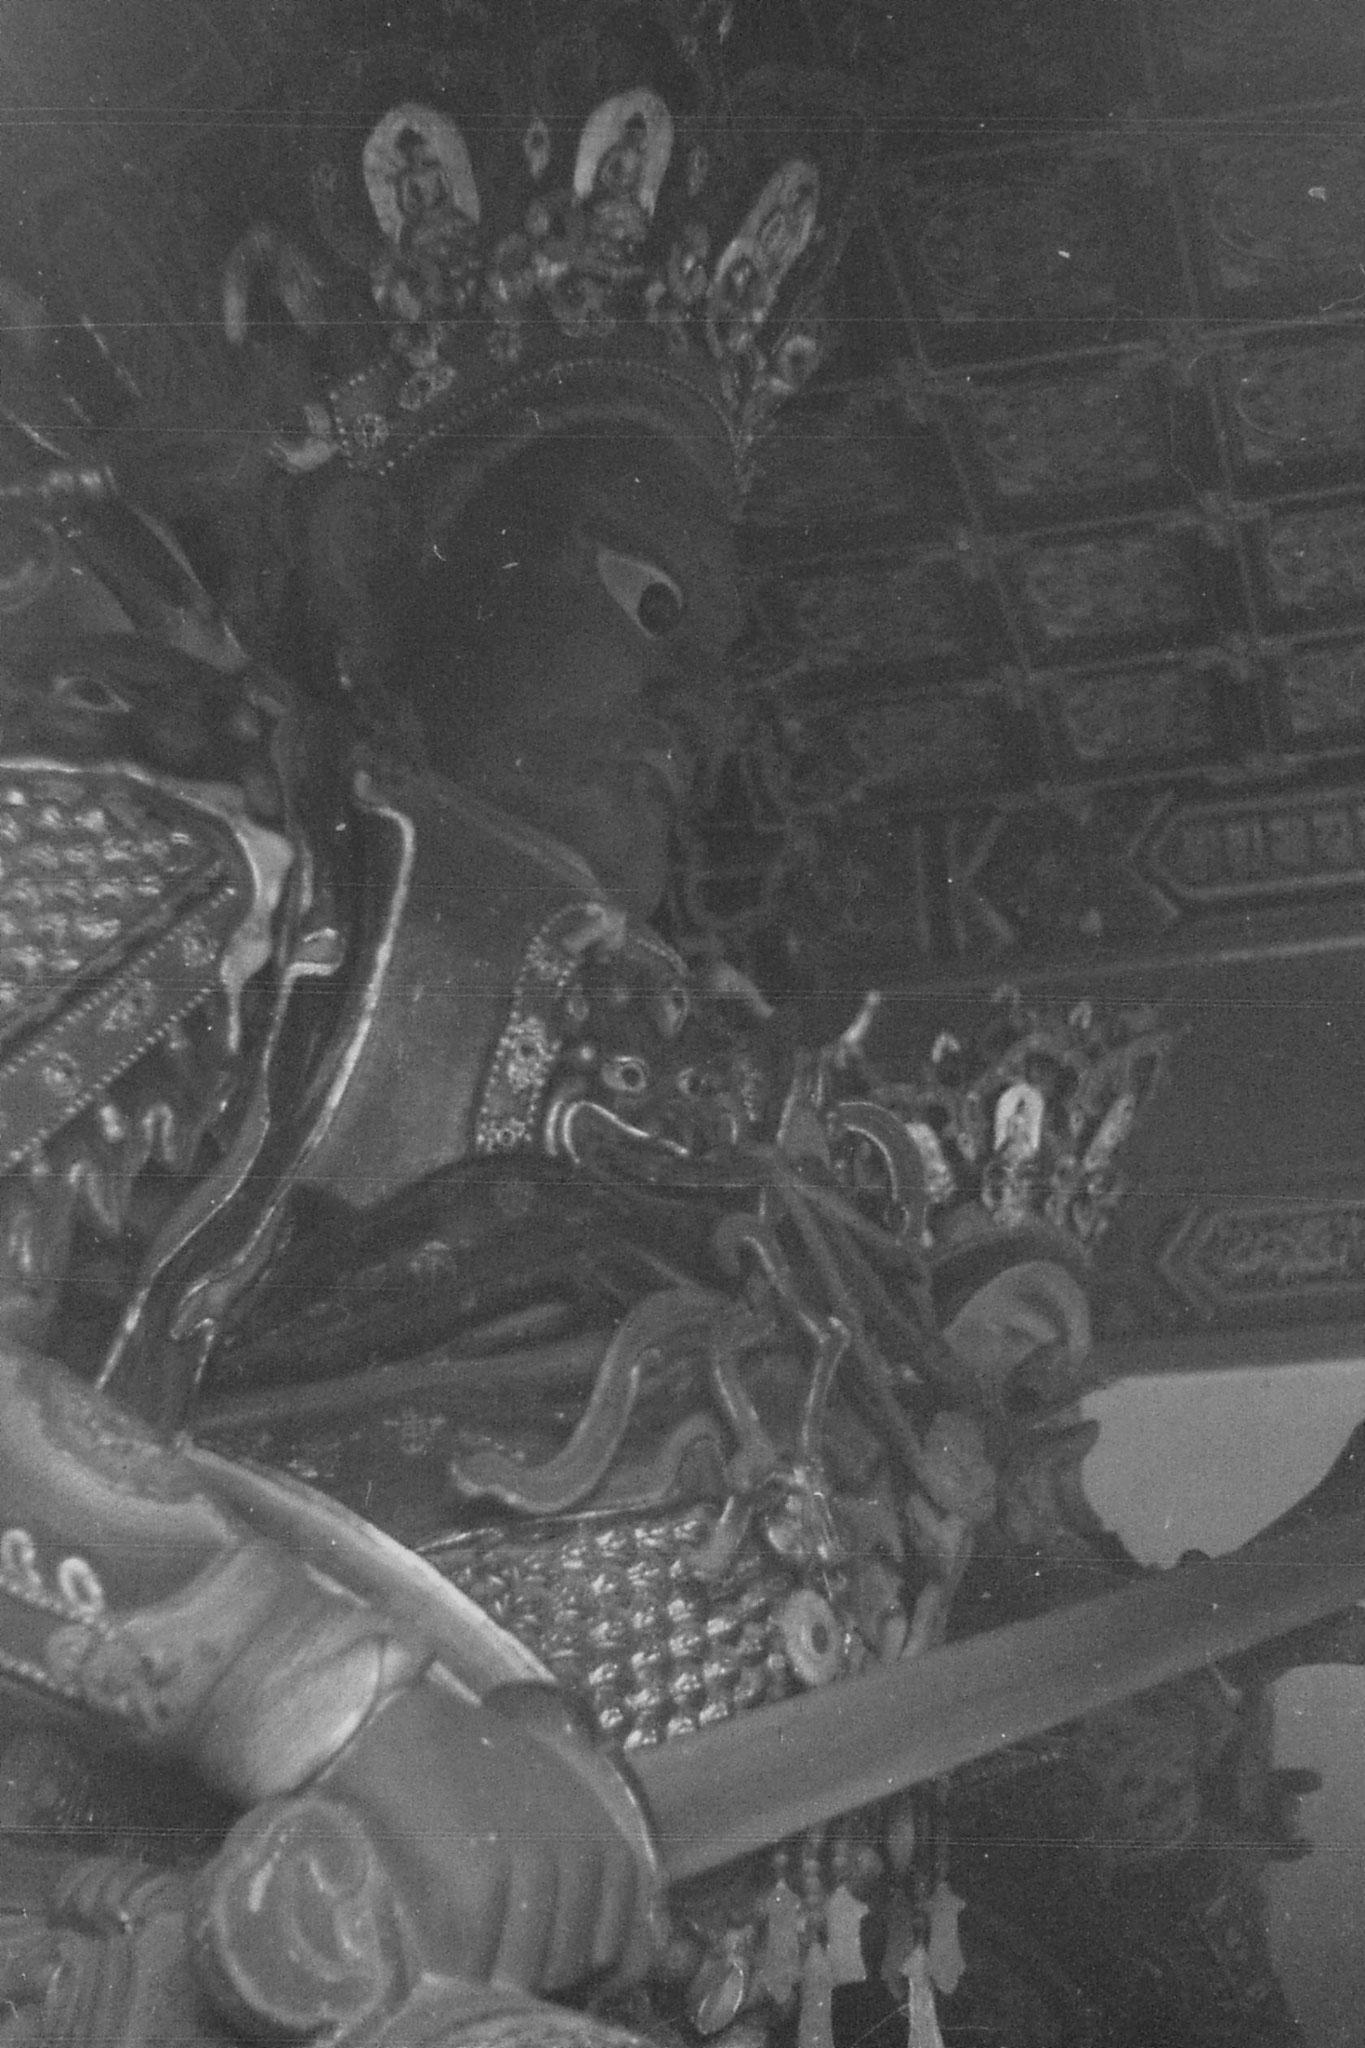 4/12/1988: 34: Yong He Temple, Beijing